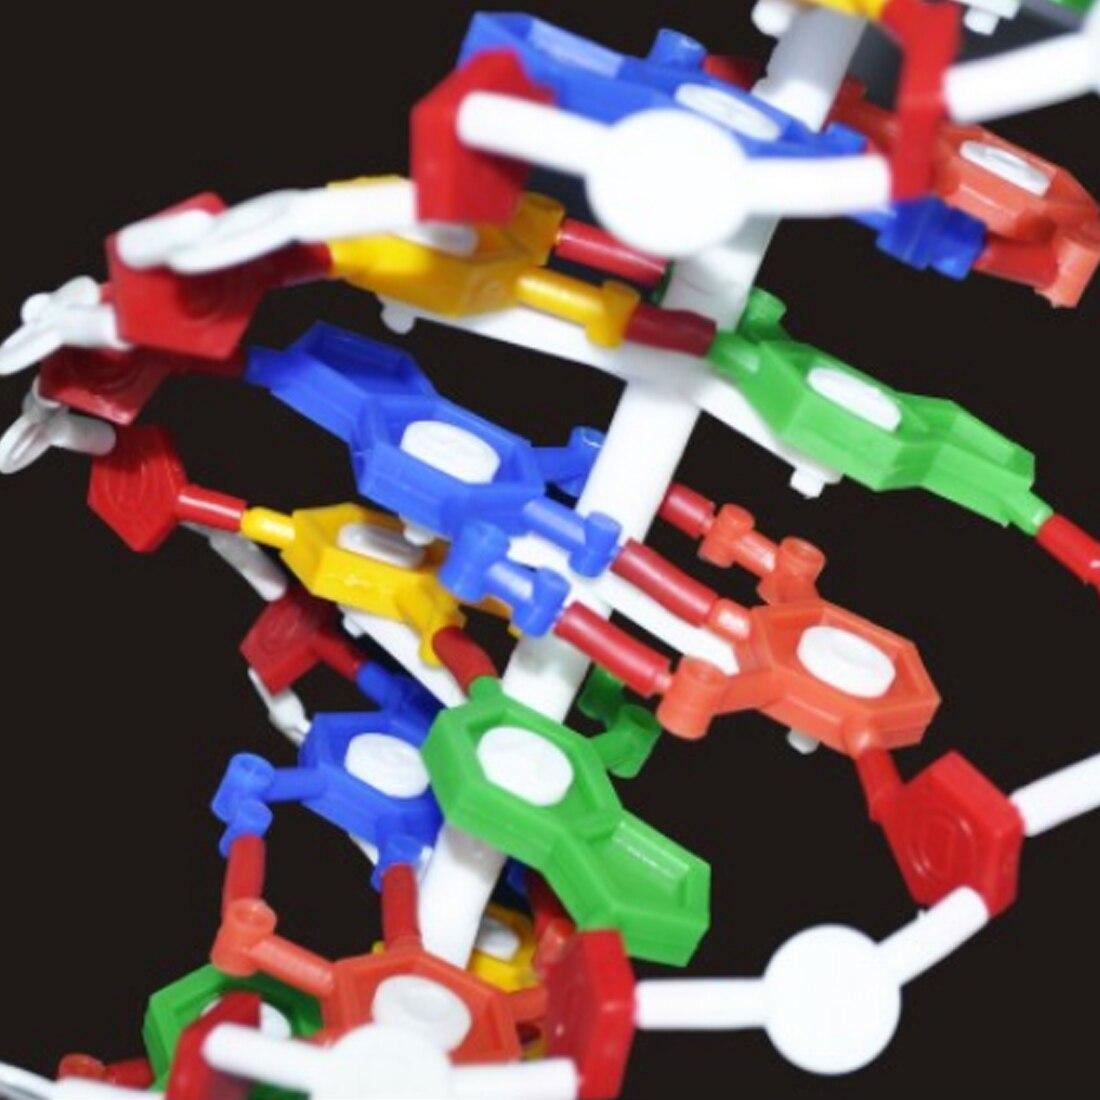 Outils pédagogiques de biologie Surwish modèle de Structure d'adn accessoires éducatifs équipement d'étude d'adn-L - 5